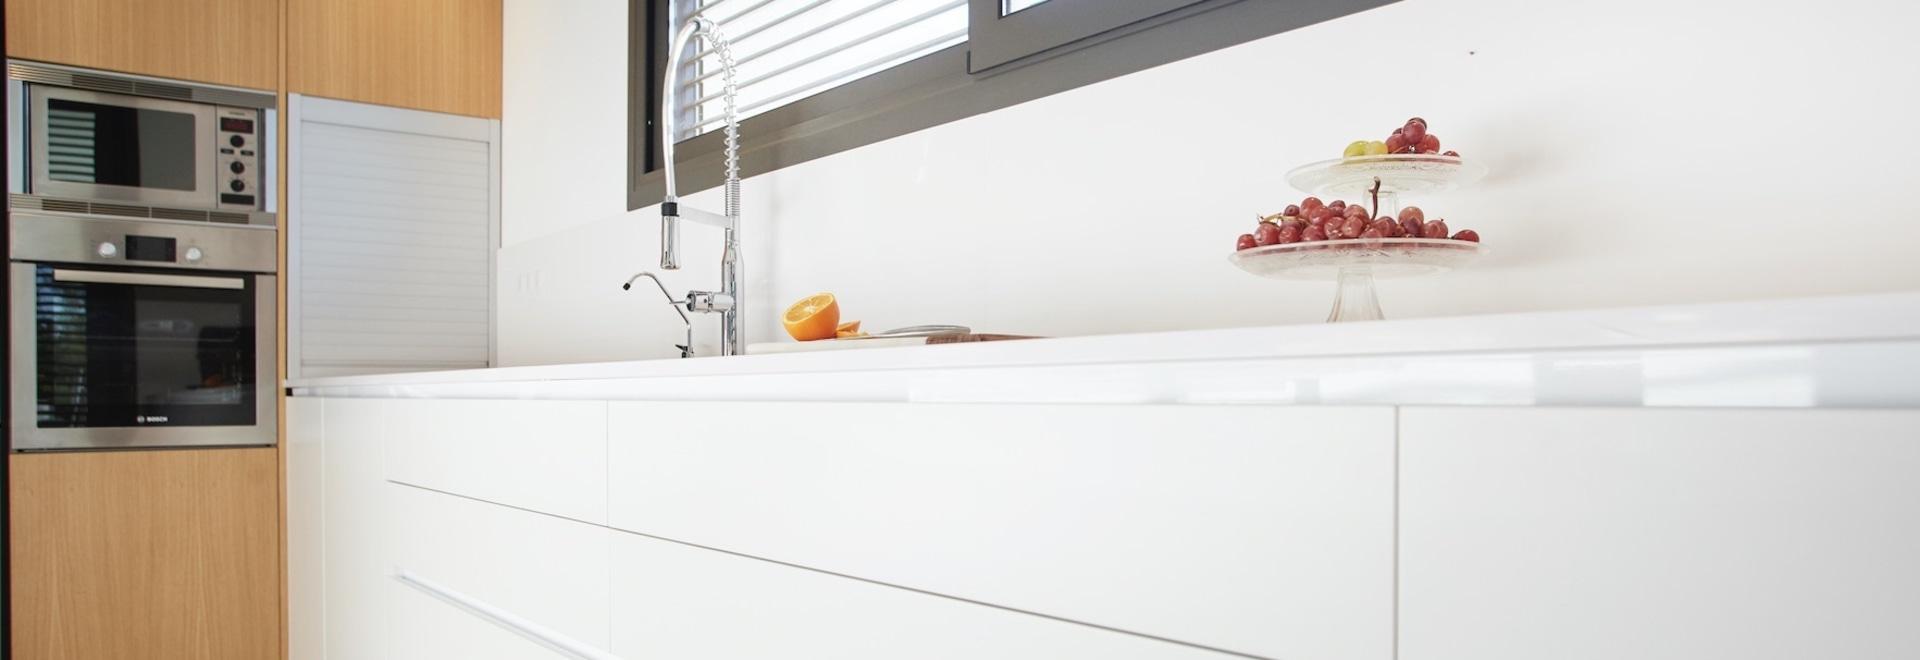 Sowohl in der Küche als auch im Bad ist der Wasserhahn einer der Hauptakteure